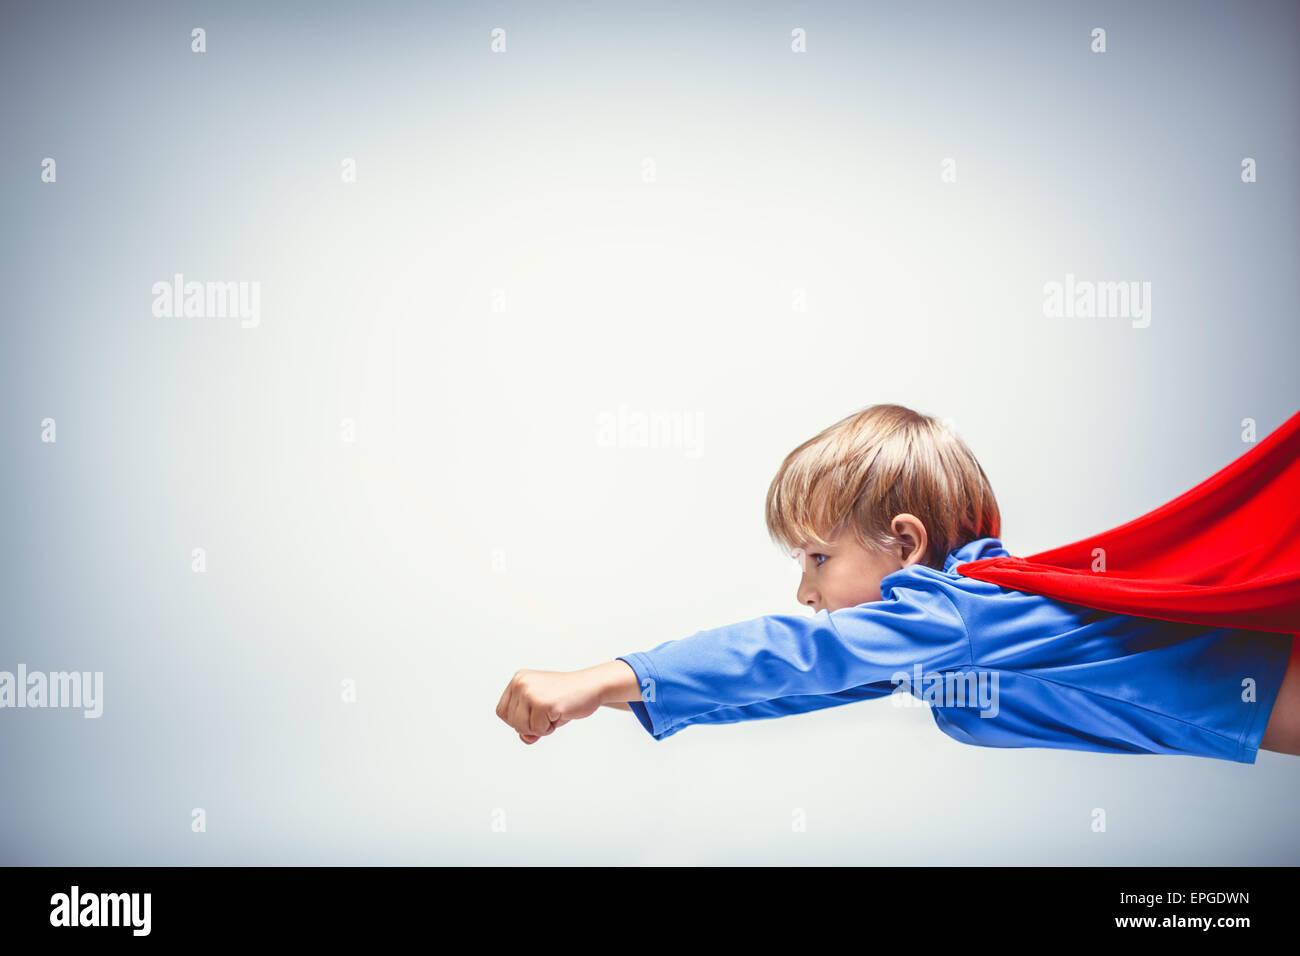 Superman Imagen De Stock